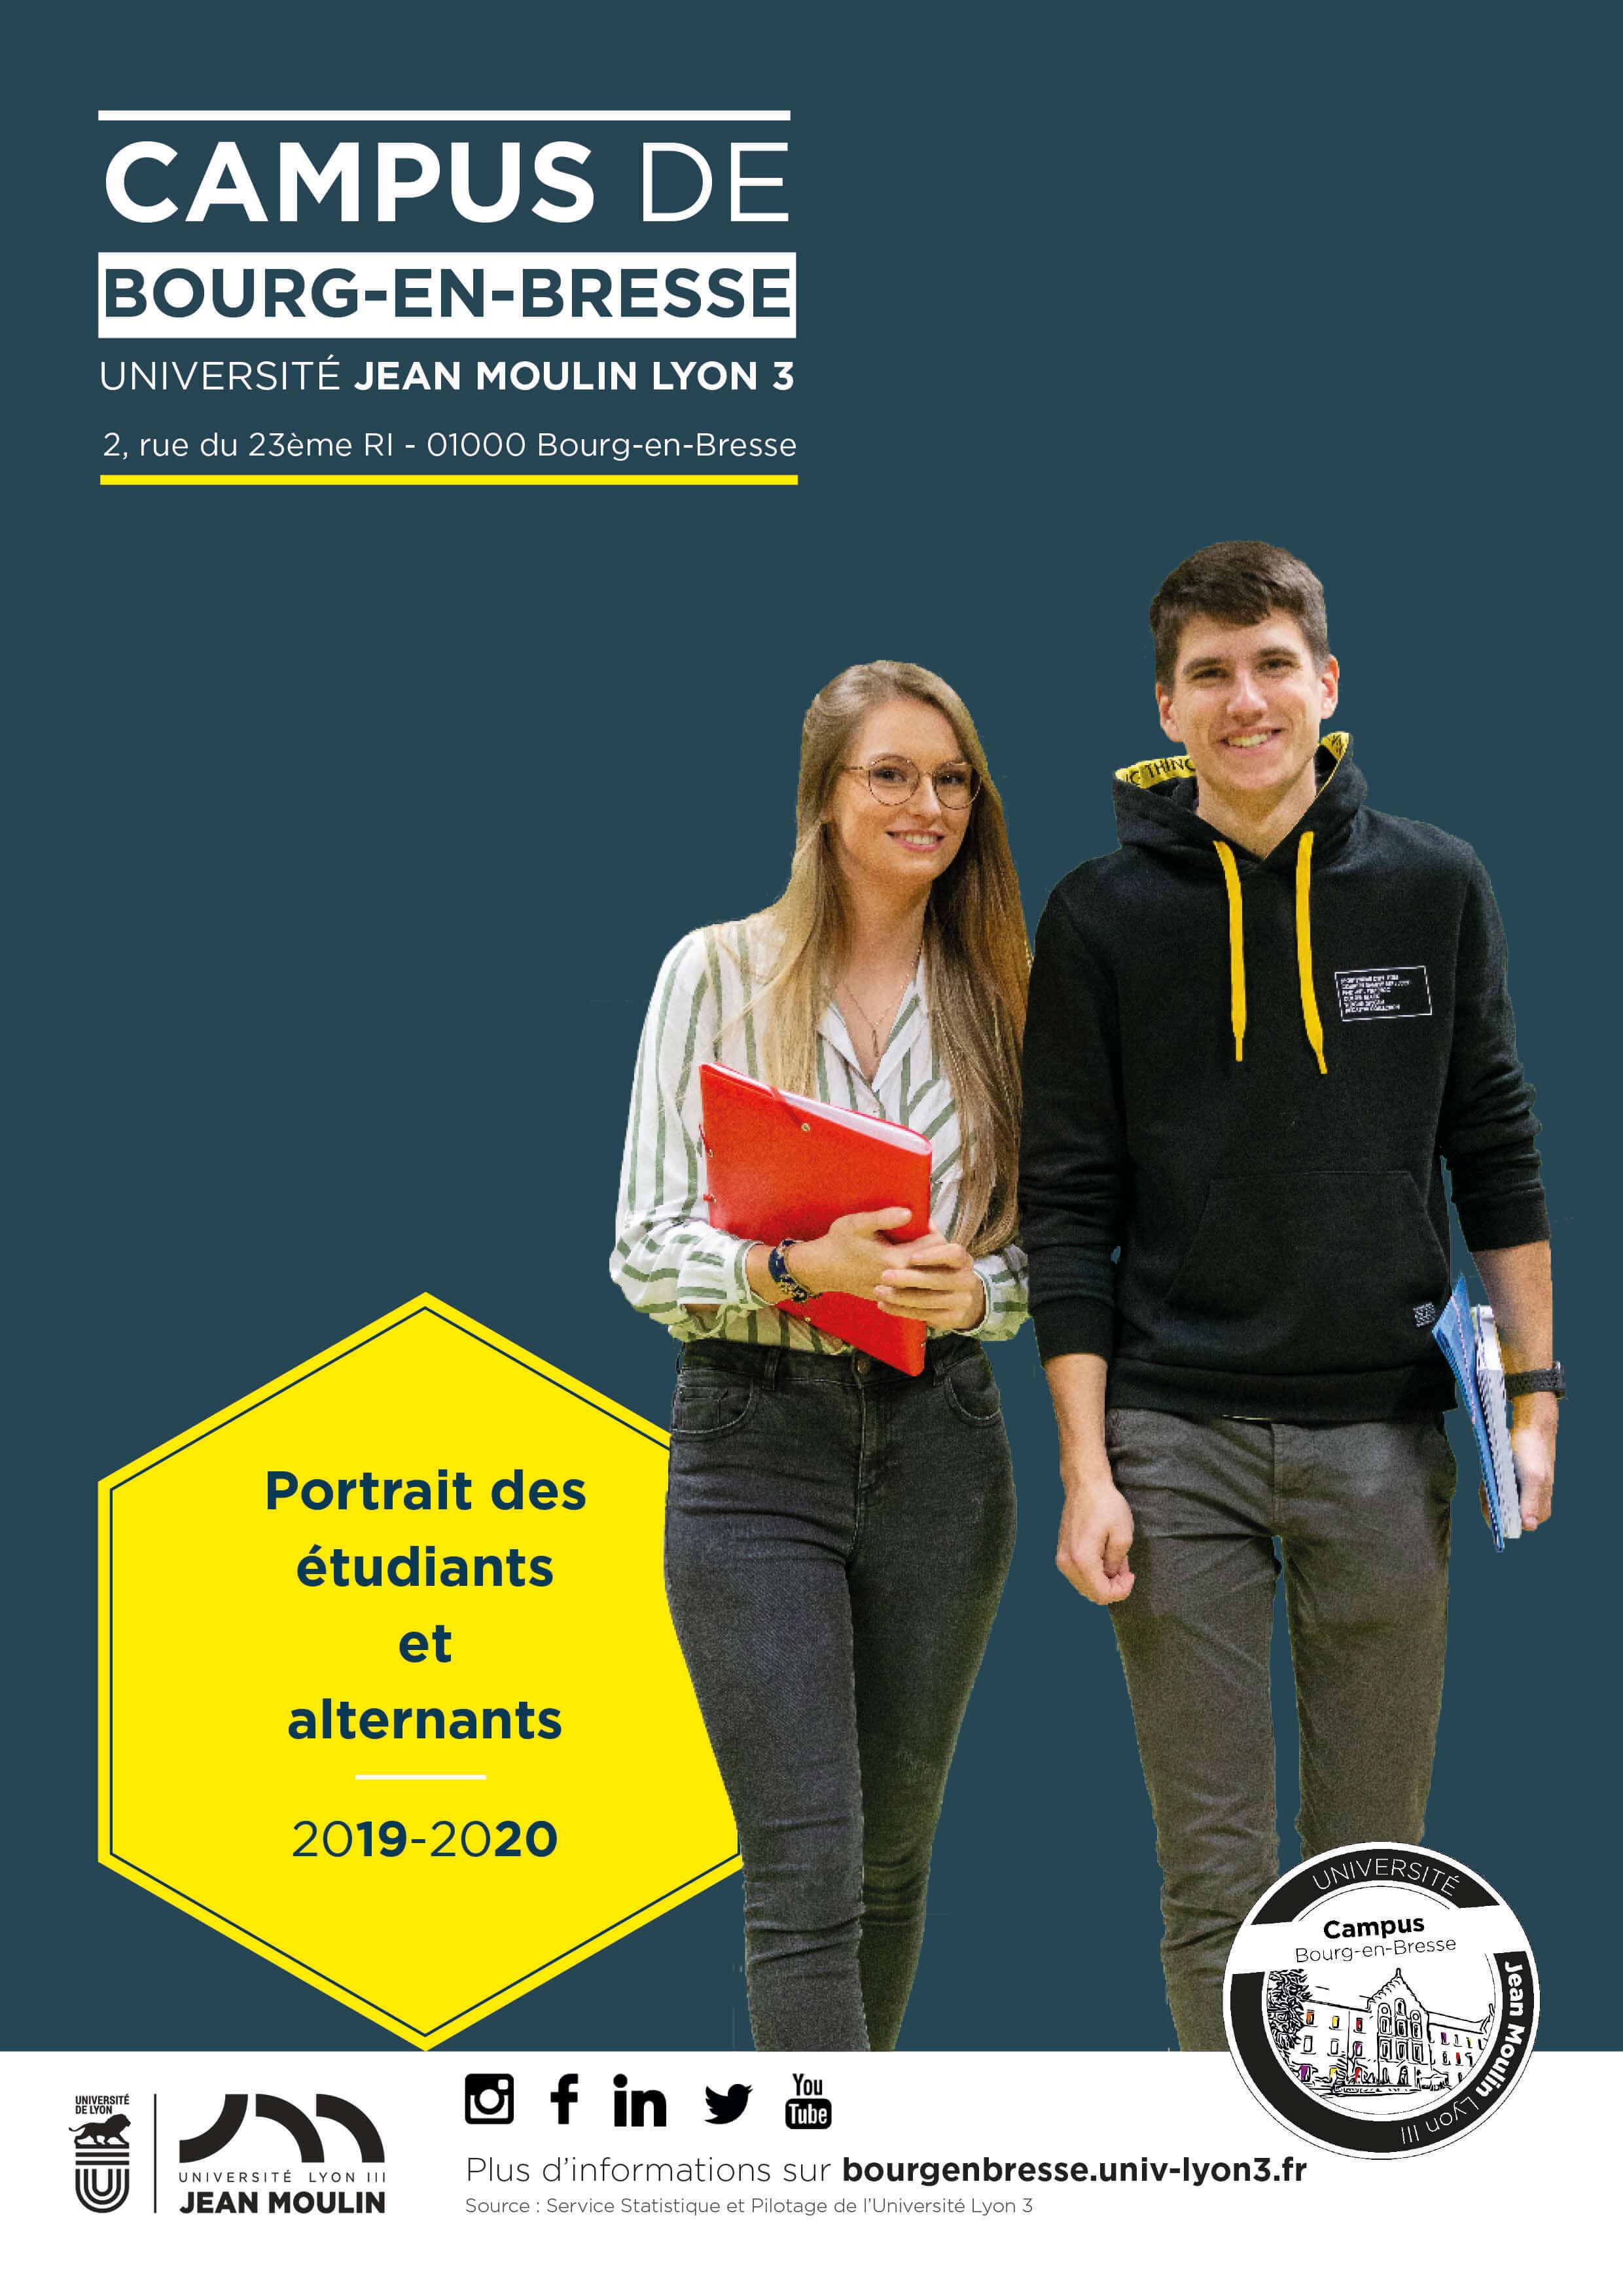 portrait des étudiants 2019/2020